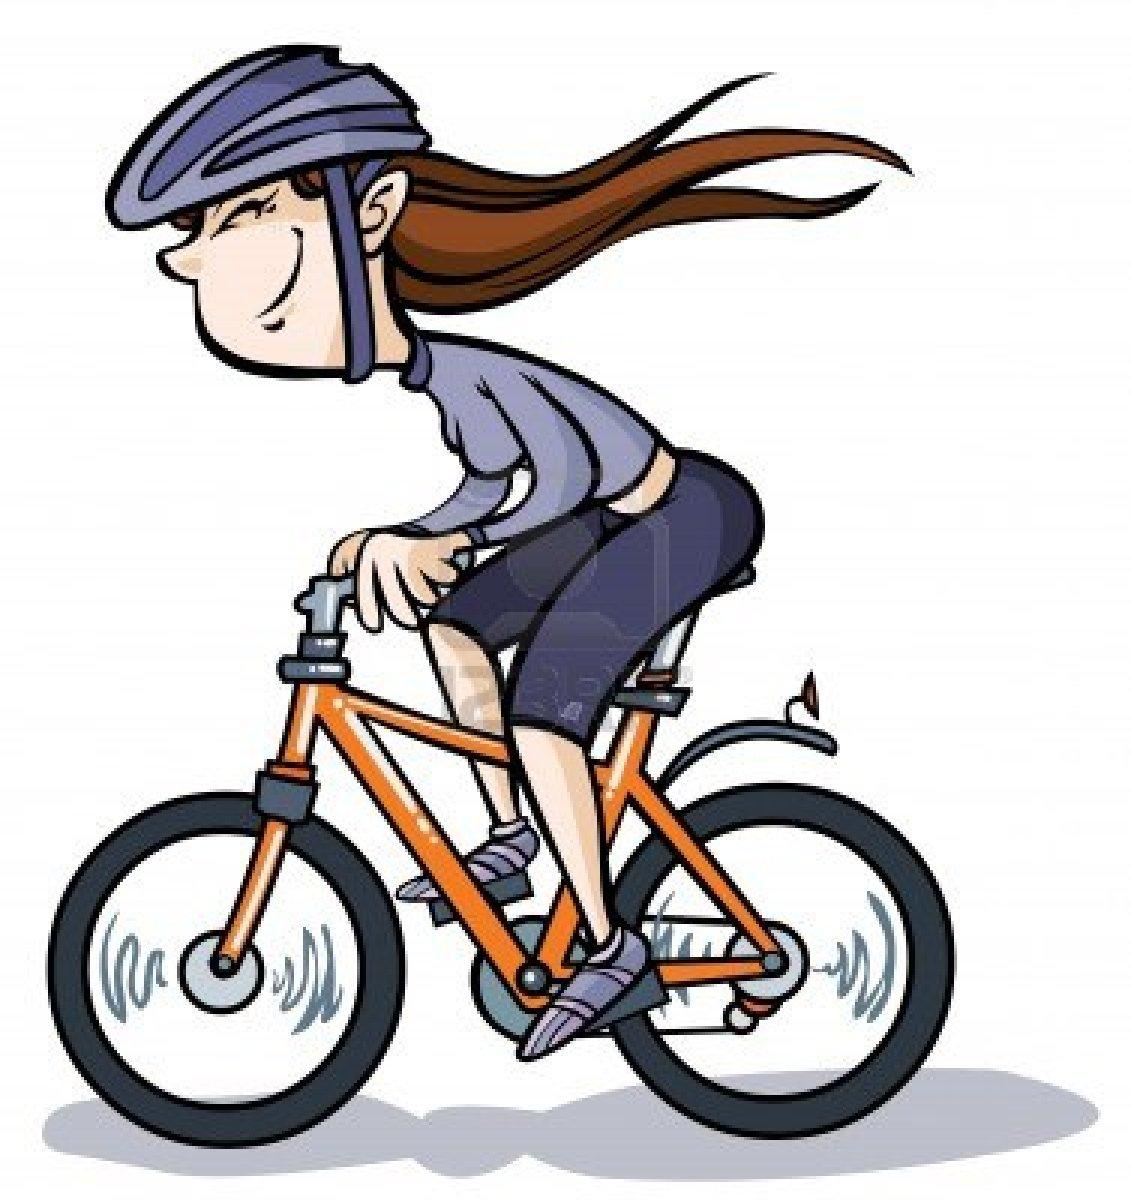 Bike free bicycle animated bicycle clipa-Bike free bicycle animated bicycle clipart clipartcow-7